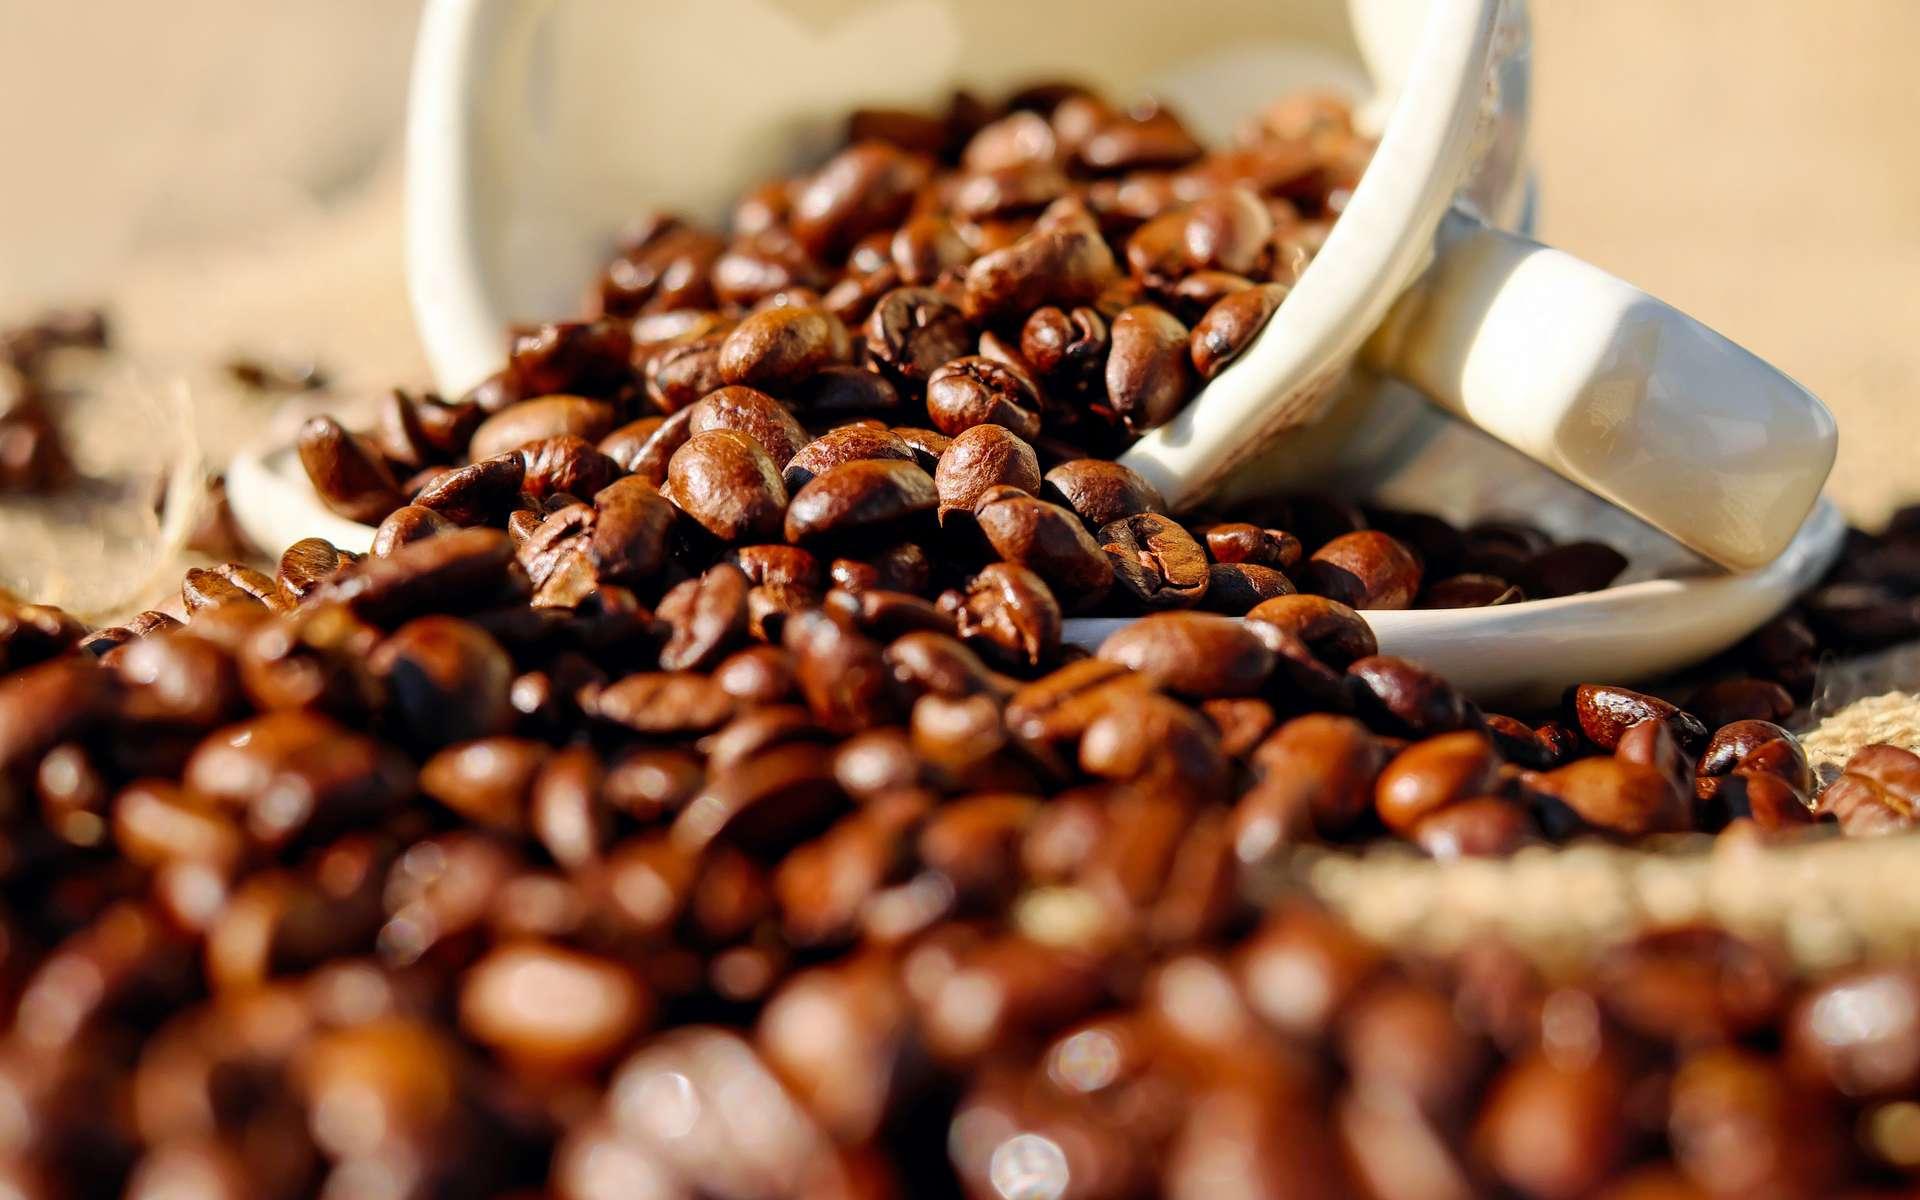 En achetant par erreur du « déca » à la place du café avec caféine, les parents de cet enfant ont prouvé l'efficacité du traitement pour une maladie orpheline. © Pexels